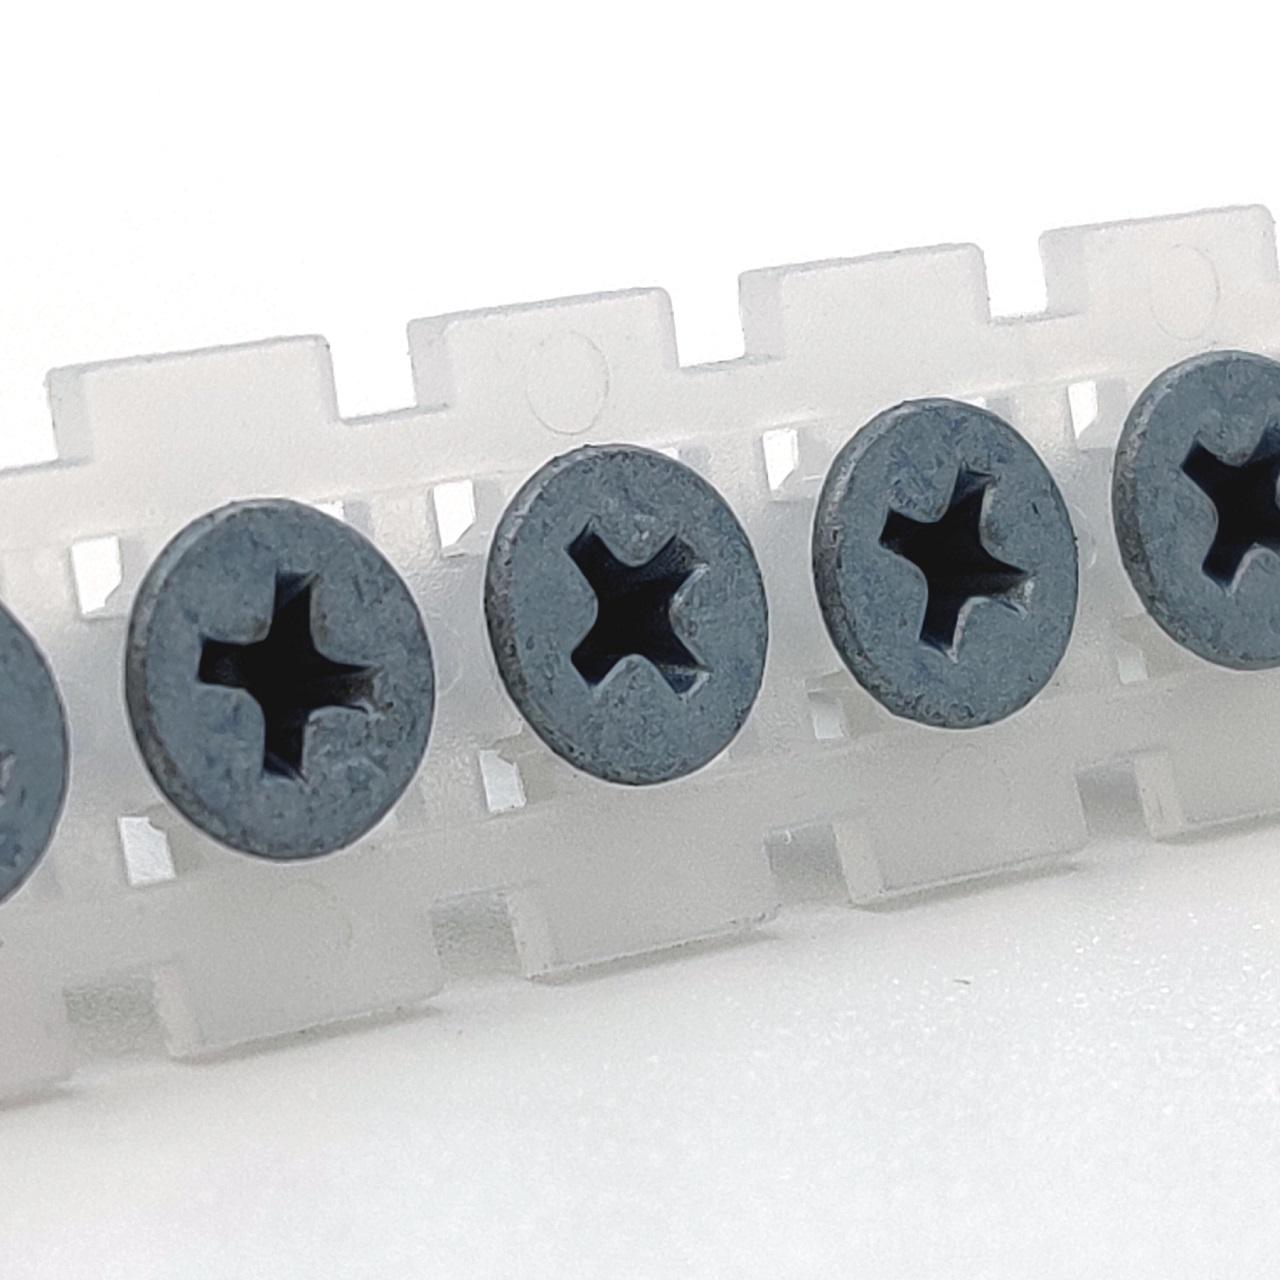 Magazinierte BLUEfast500® Schnellbauschrauben | Feingewinde | 3,9x35 | 1.000 Stk